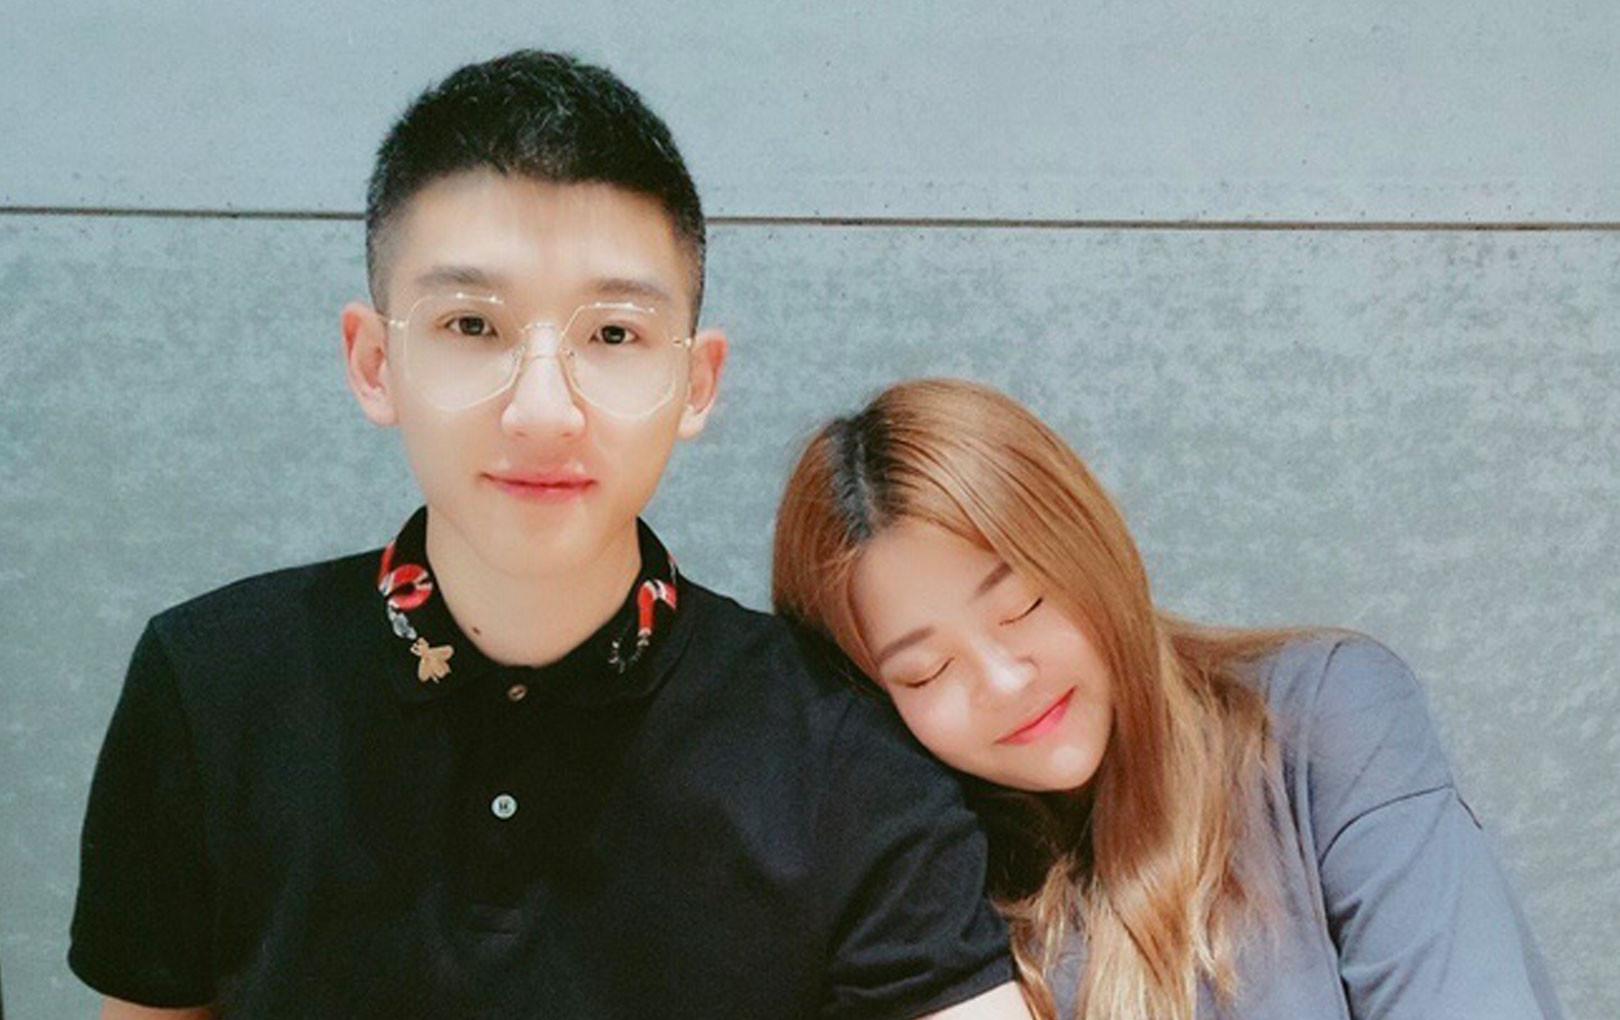 Nỗi khổ của cặp đôi đũa lệch Trung Quốc: Tính vỗ béo chồng nhưng mỡ chỉ nhập vào mình